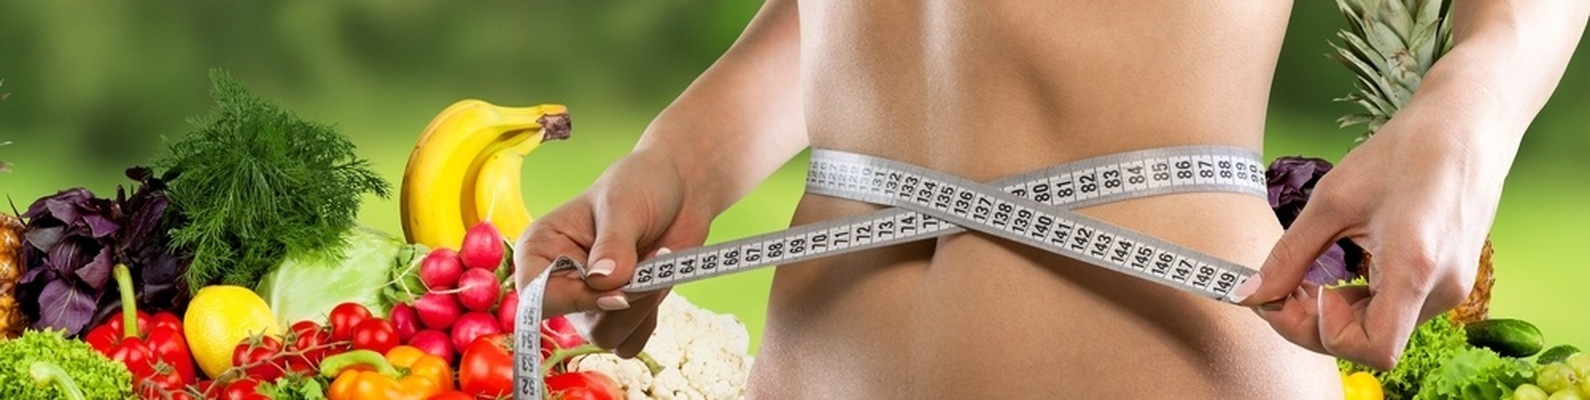 Похудеть Наверняка Навсегда. 7 способов похудеть раз и навсегда, без возврата веса